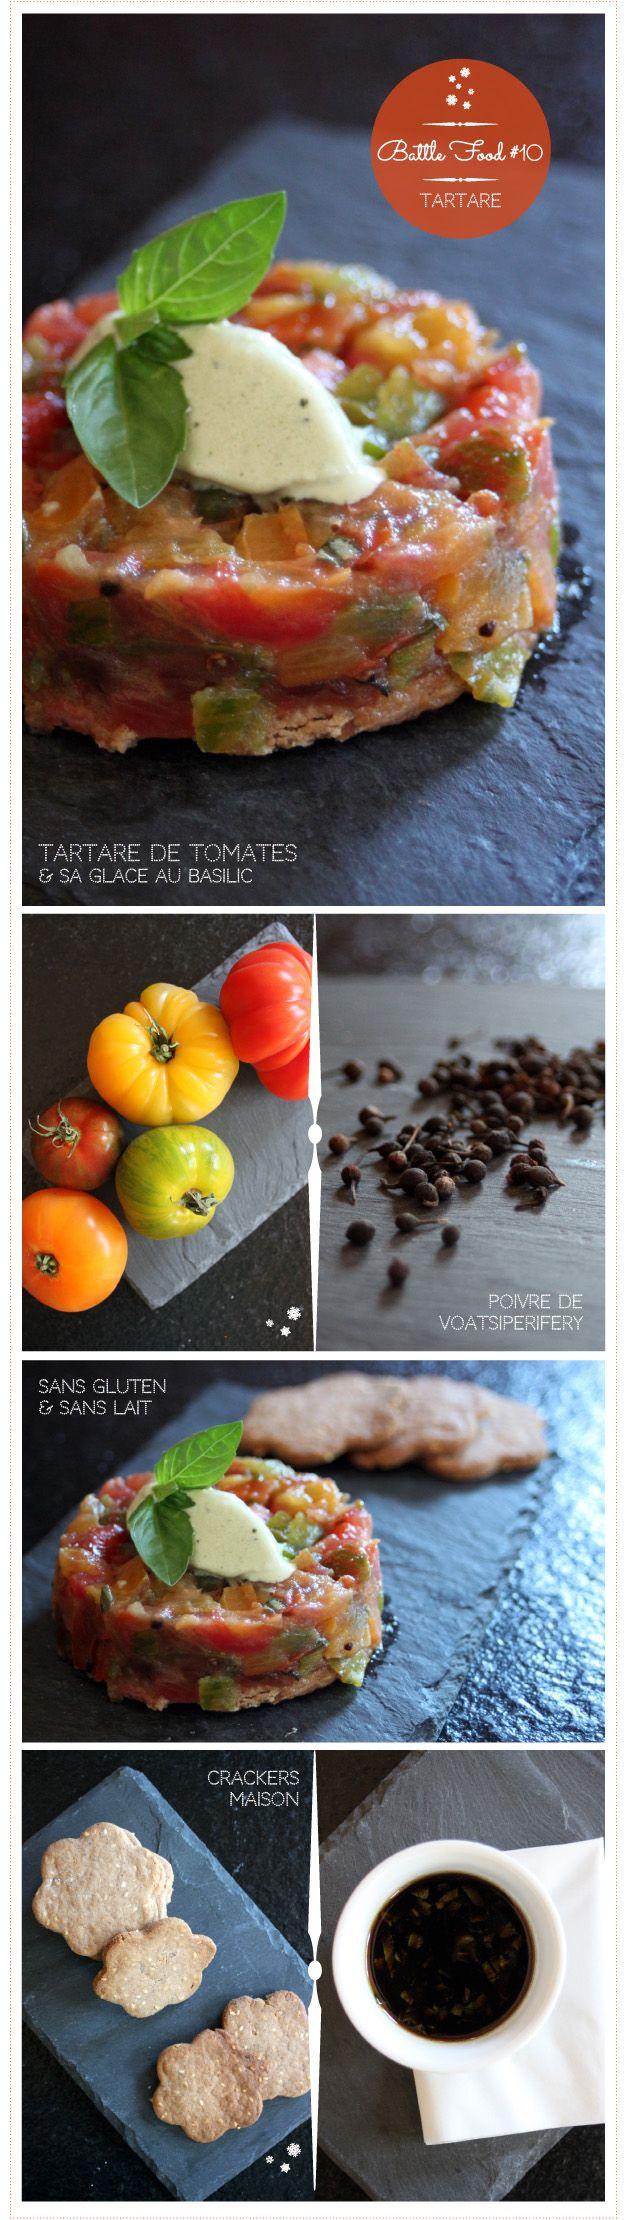 Tartare Battlefood